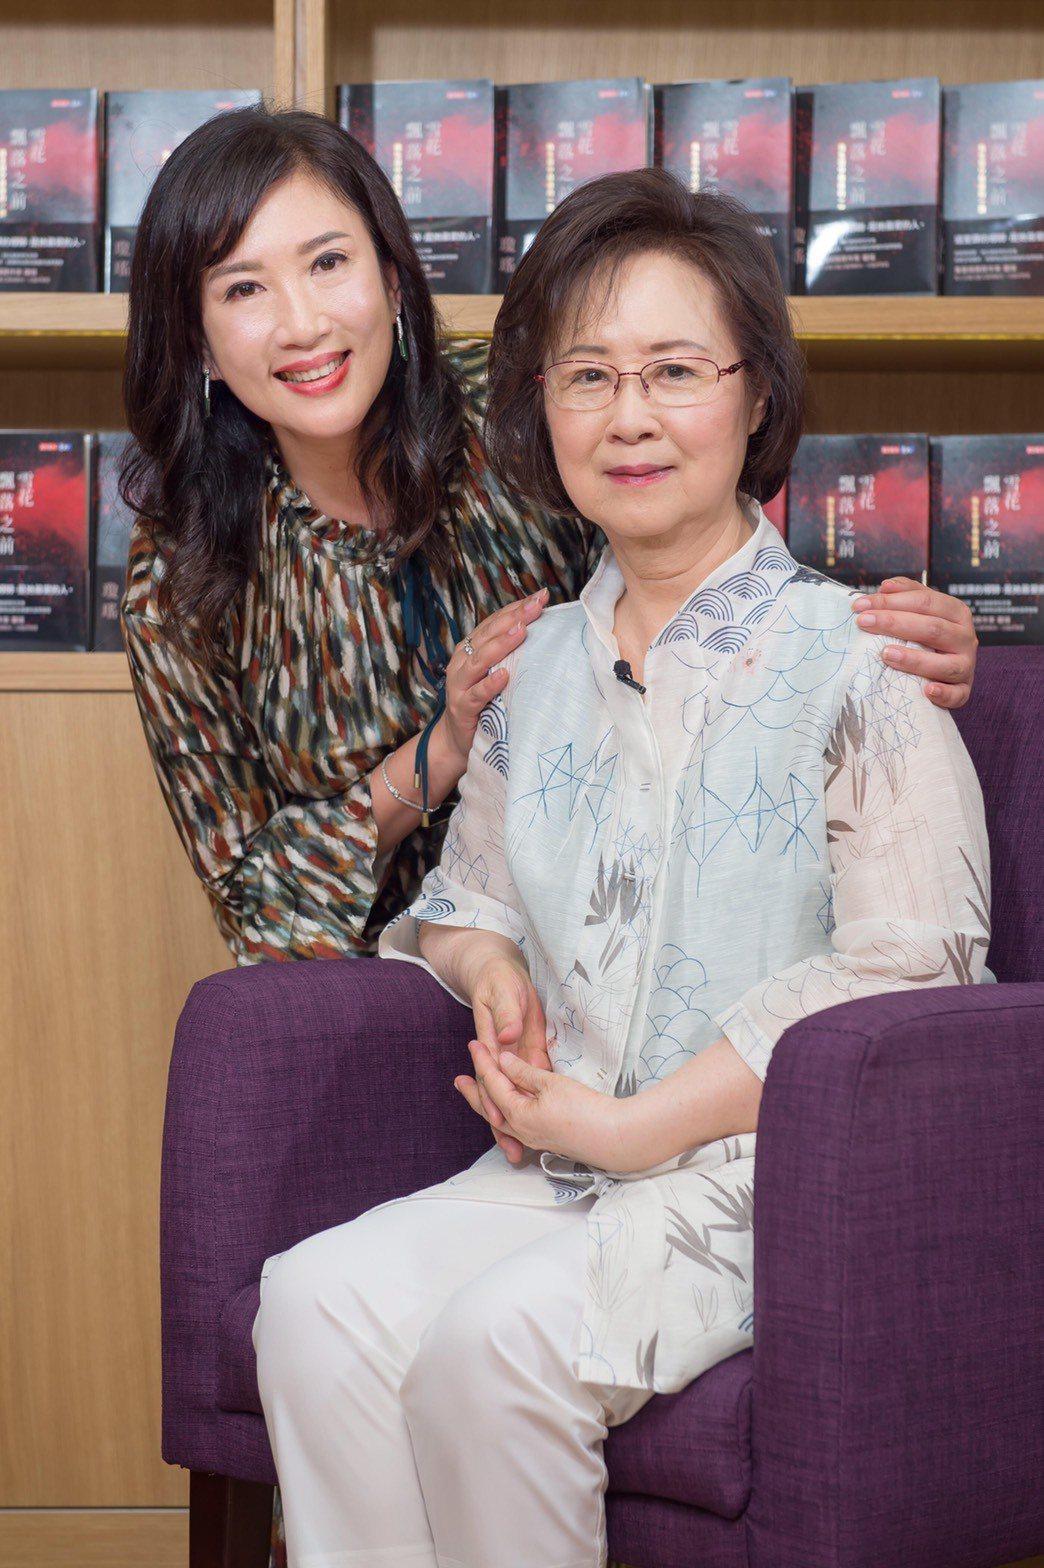 瓊瑤將人生第一次電視專訪獻給方念華。圖/TVBS提供